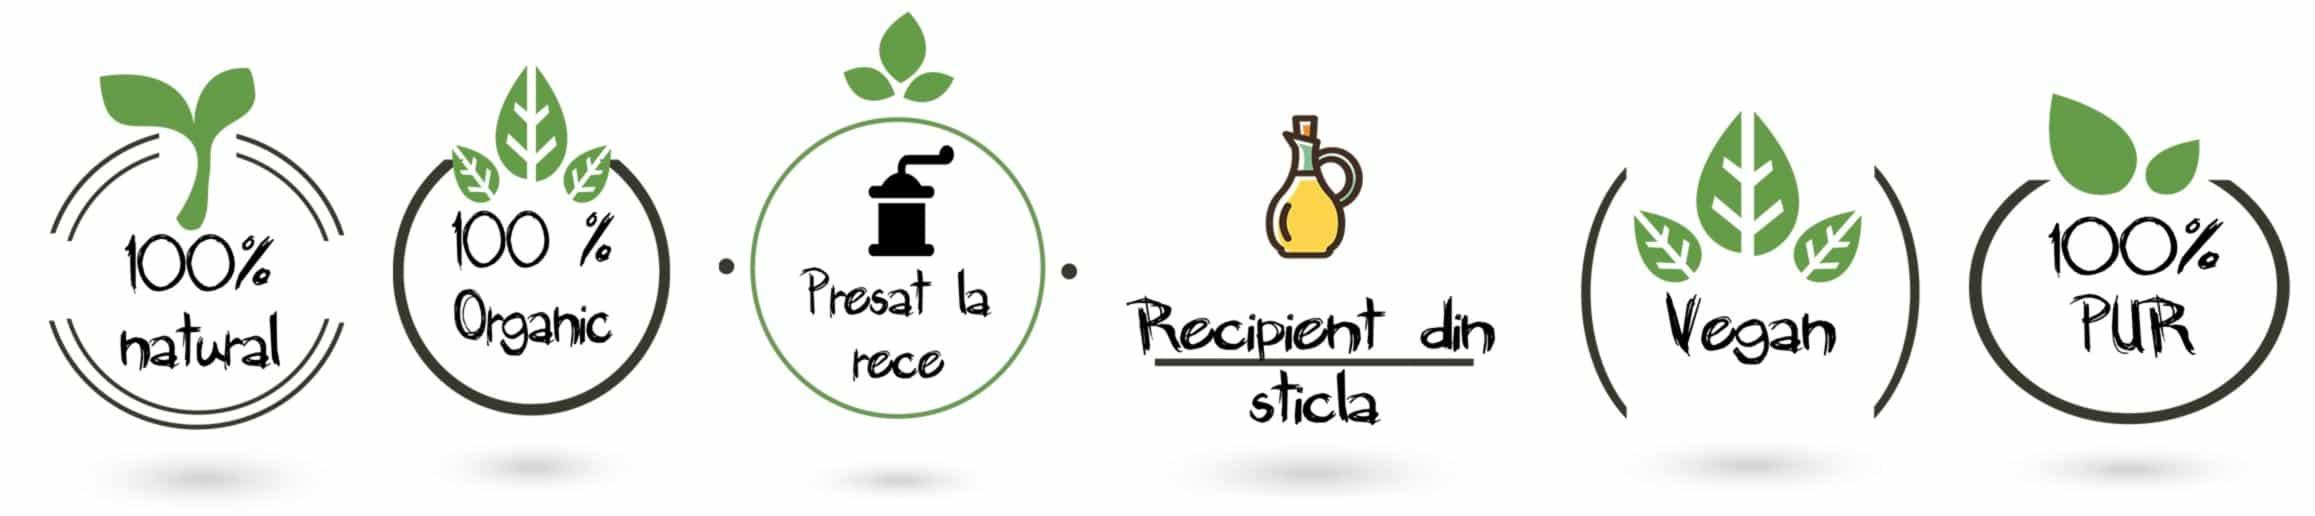 ulei de cocos parfumat organic presat la rece pentru ten si corp